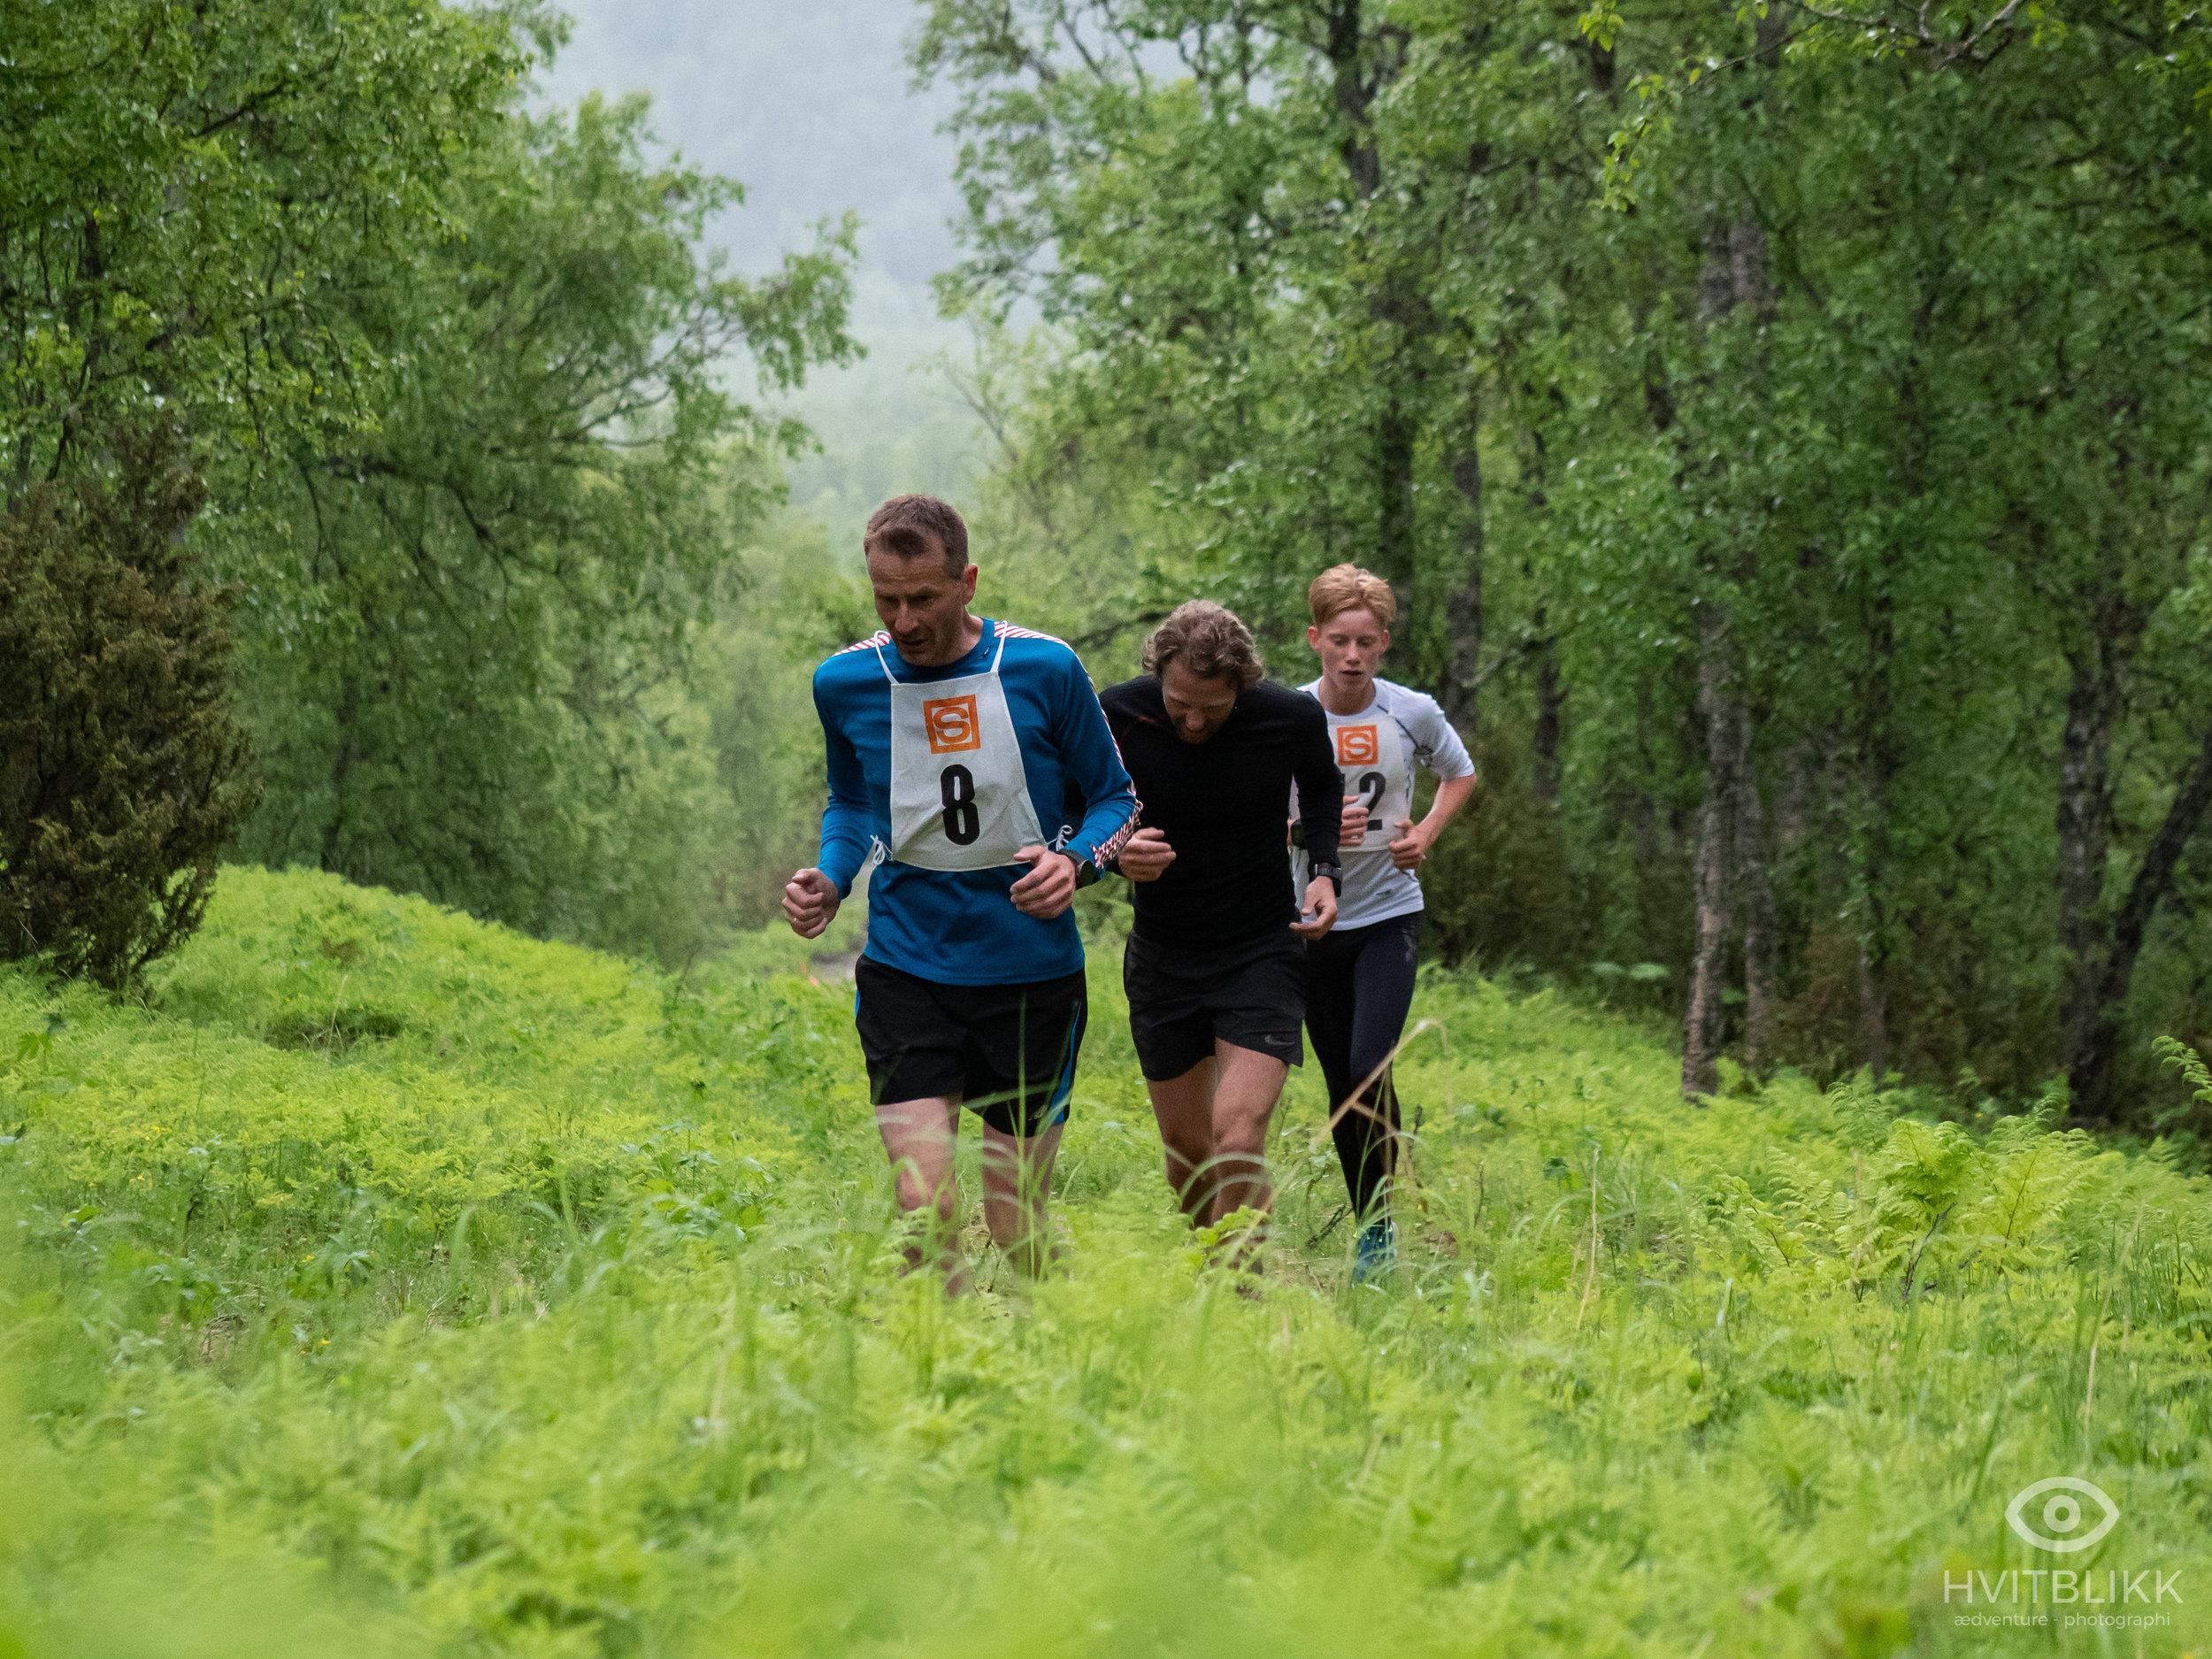 Ellingjord-Hvitblikk_20190621NOR3502.jpg